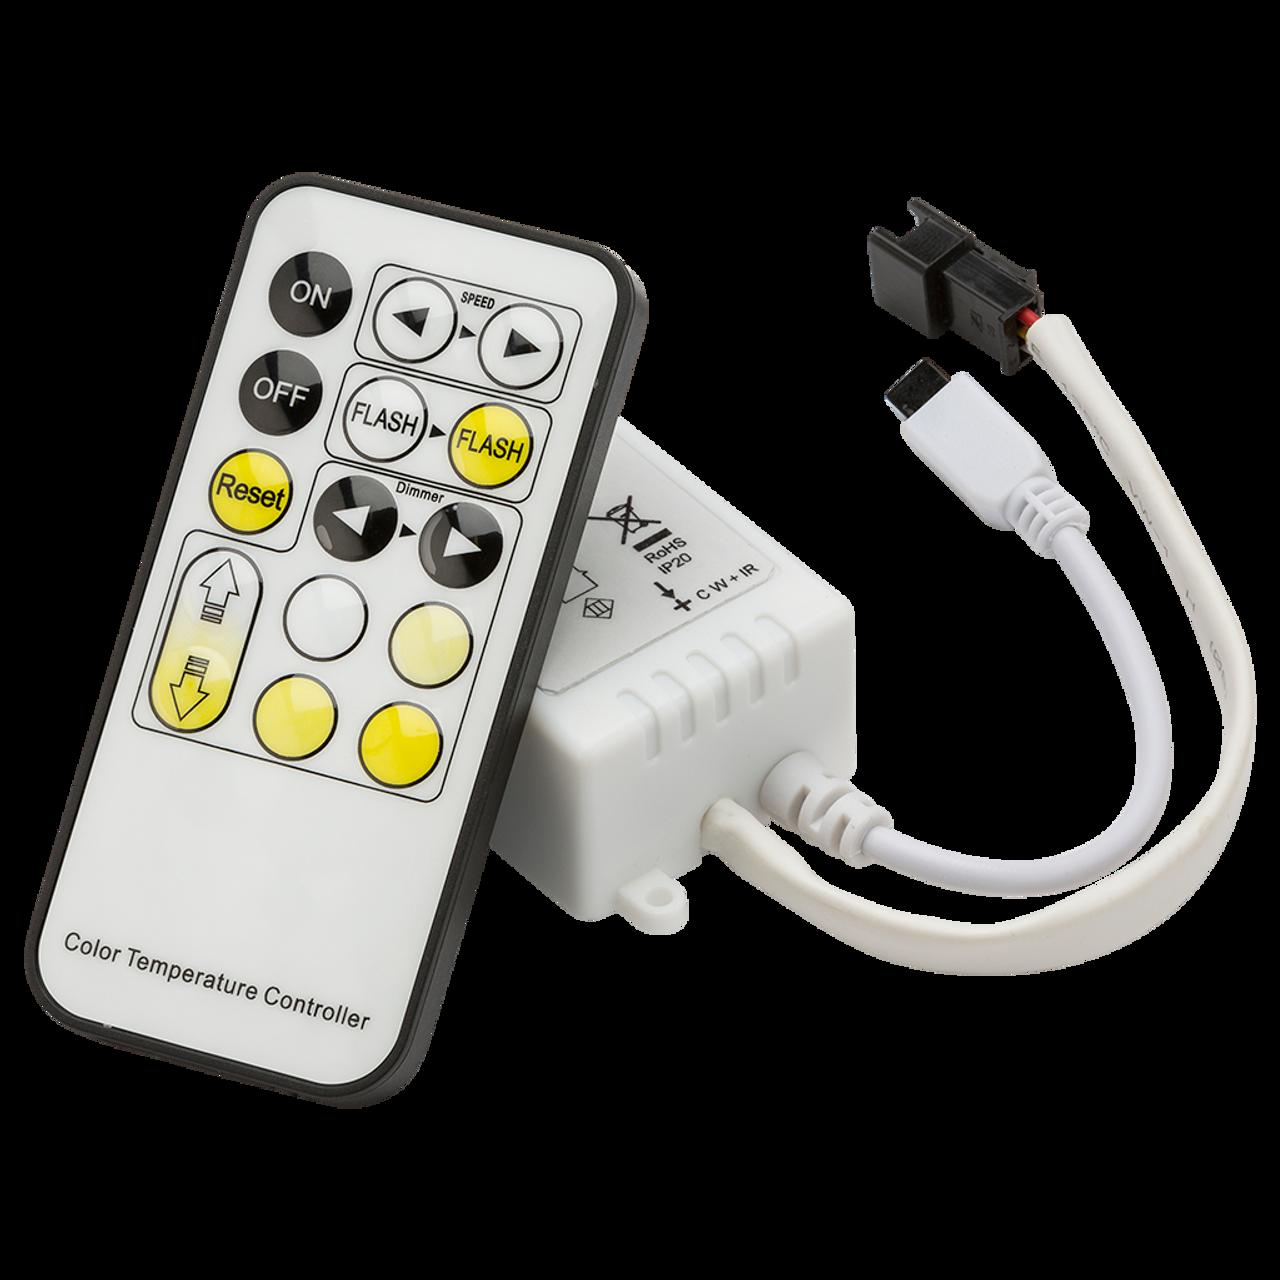 12V / 24V IR Controller and Remote - CCT (DFL1LEDFR2 )